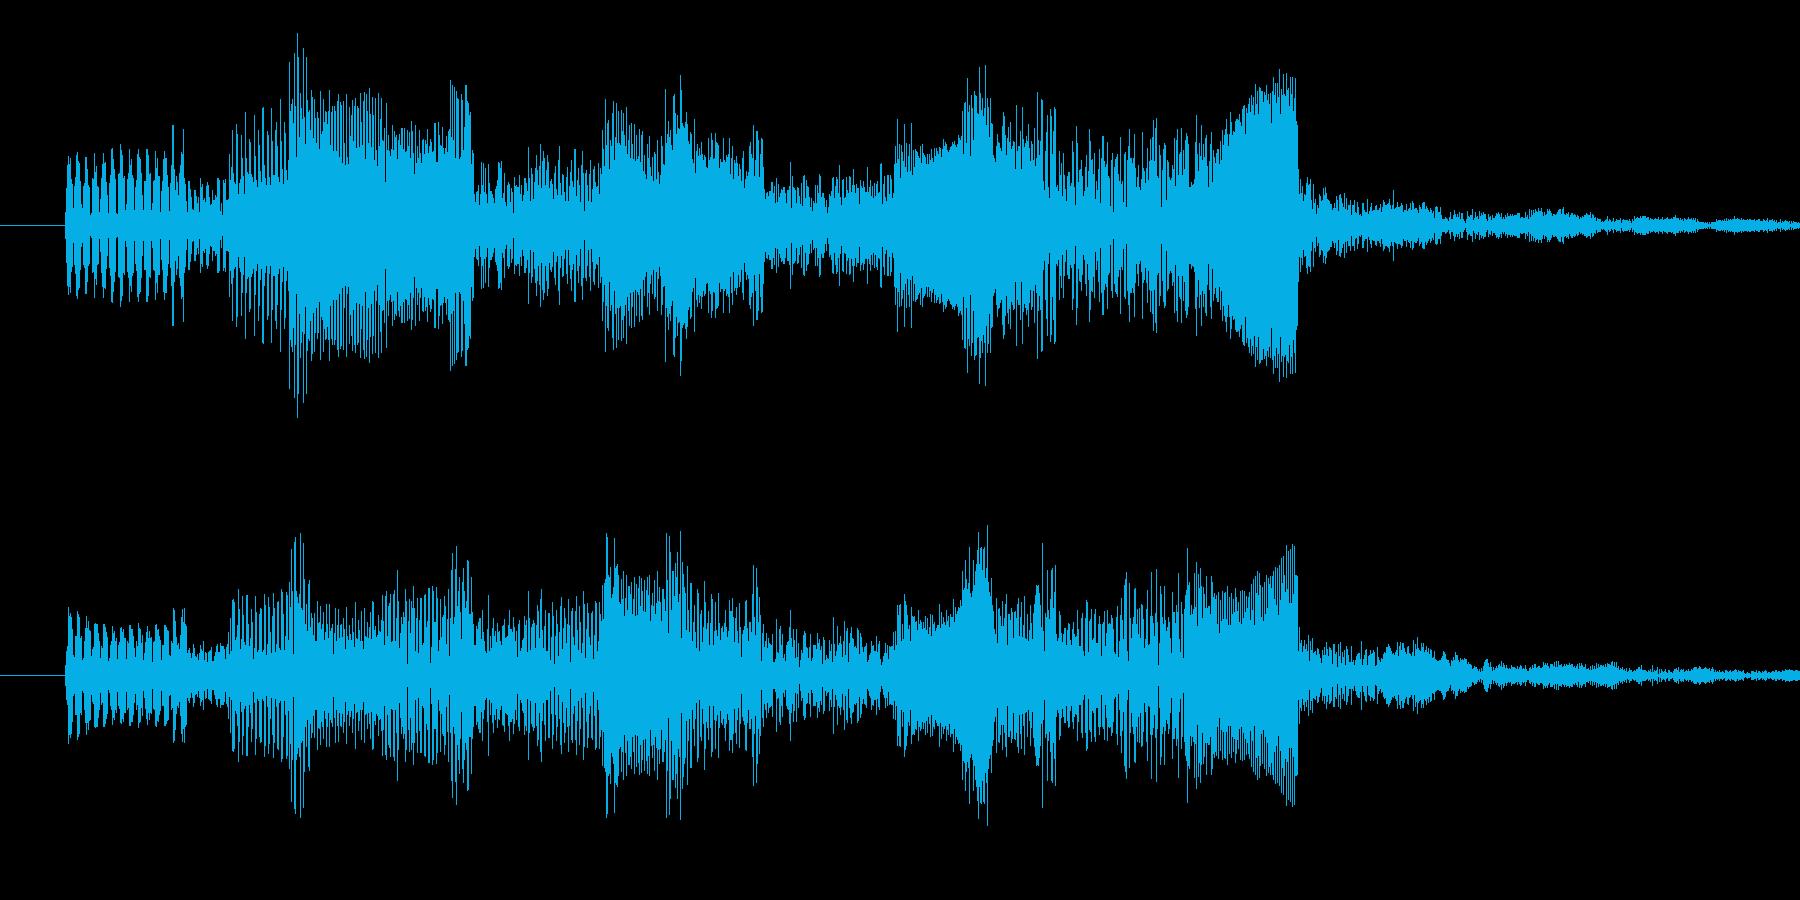 ドゥルリラドゥルリラドゥルリラドゥルリラの再生済みの波形